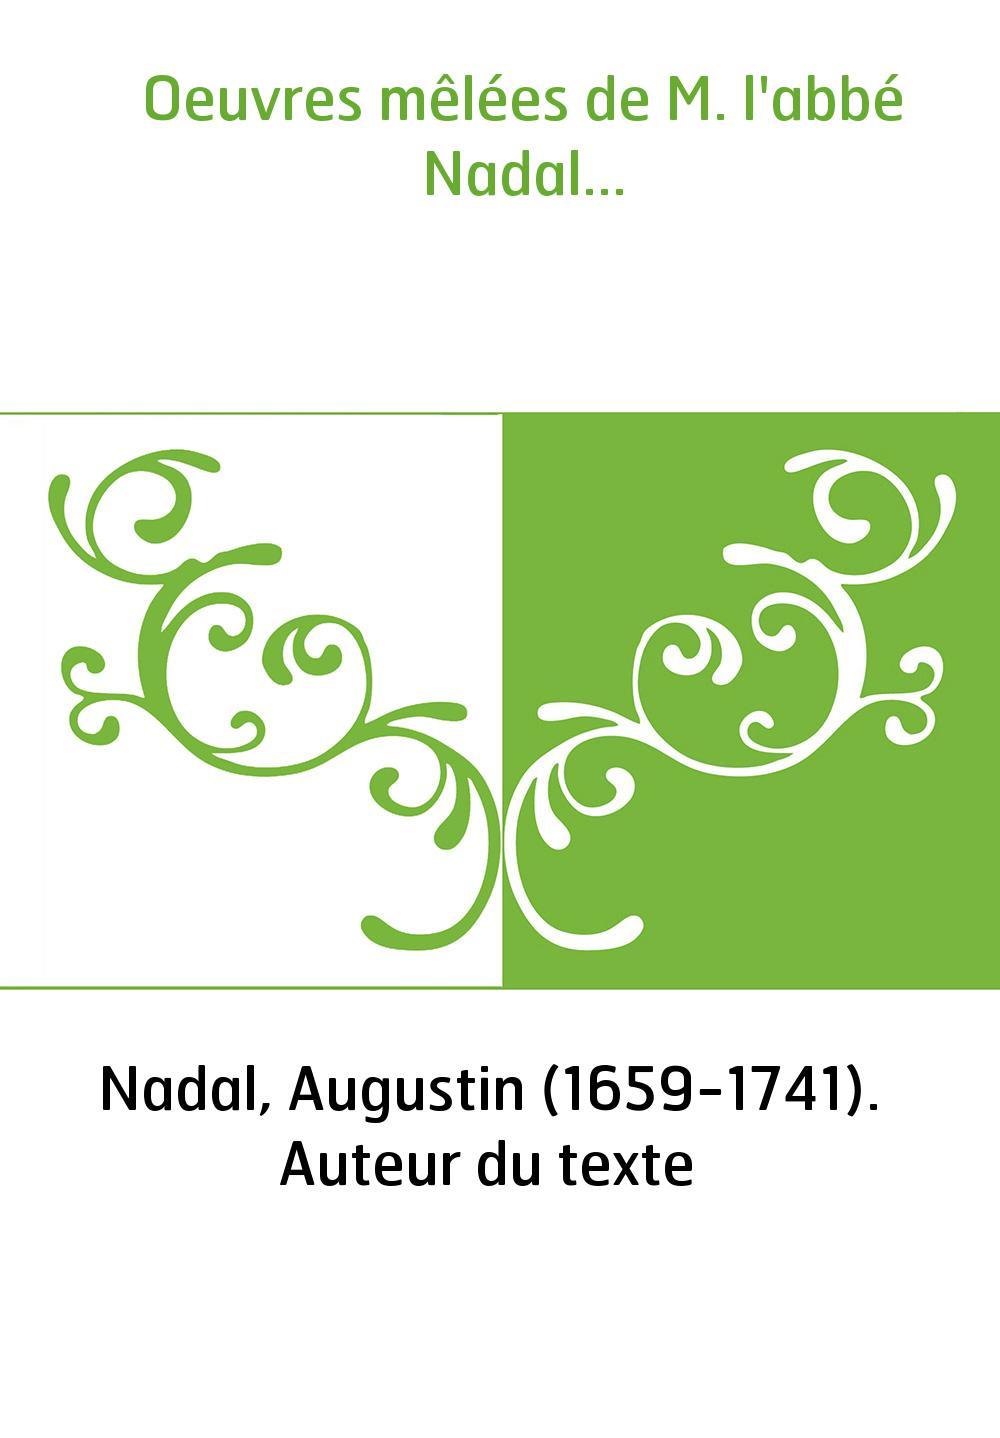 Oeuvres mêlées de M. l'abbé Nadal...